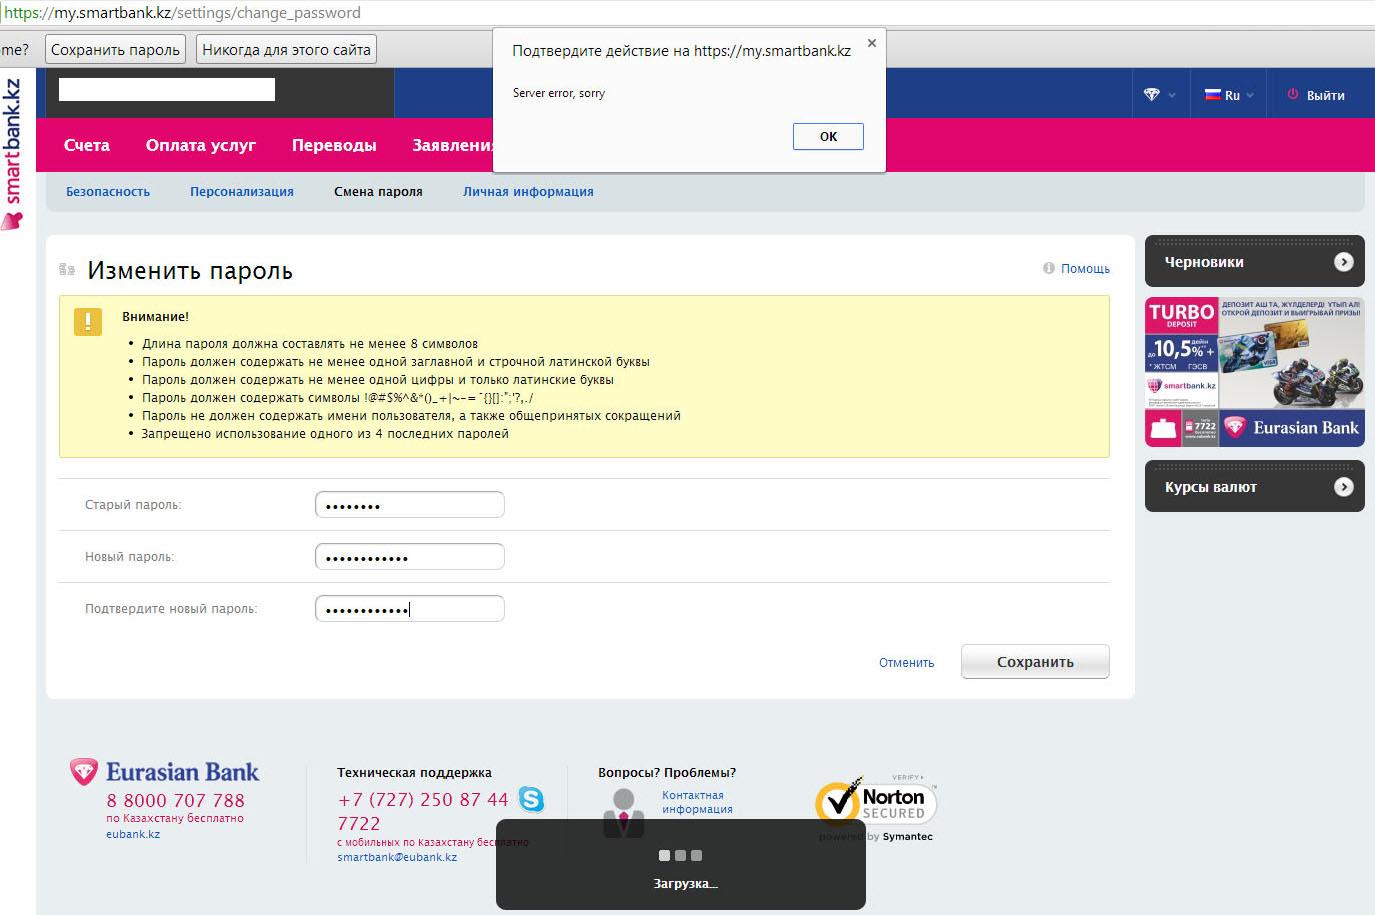 евразийский банк проверить остаток по кредиту квартиры в ипотеку без первоначального взноса в спб